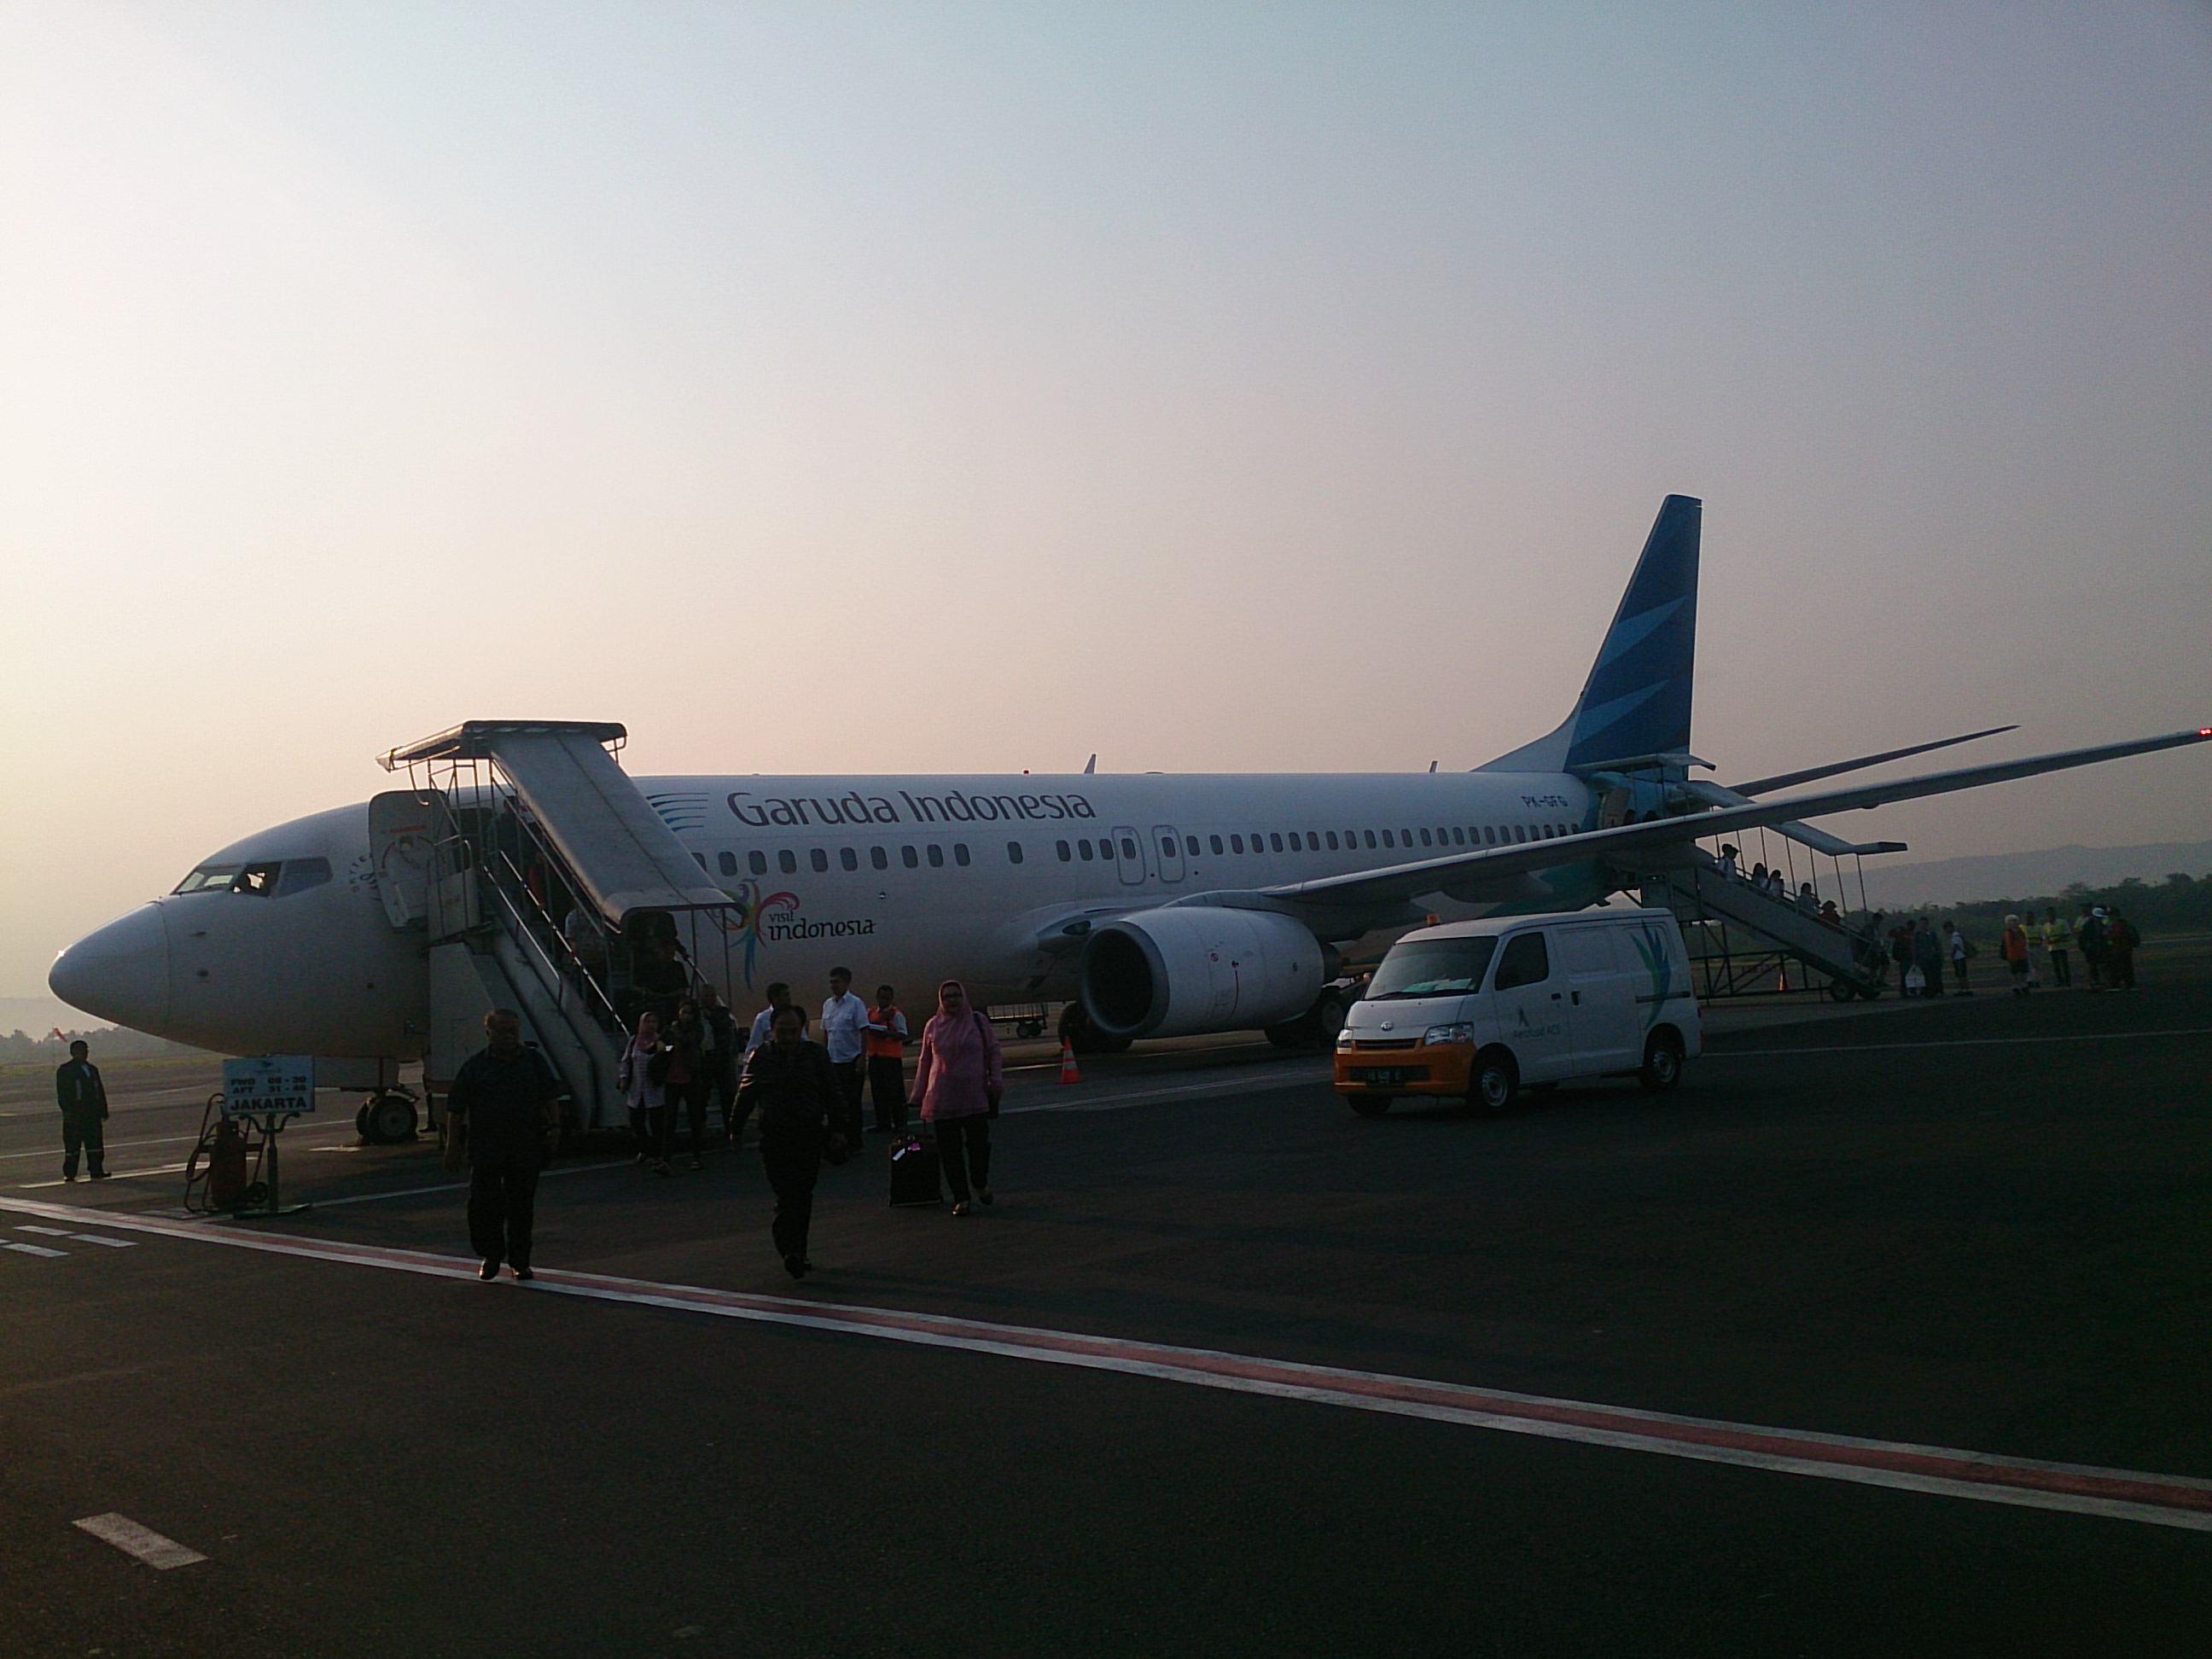 ガルーダ航空国内線ビジネスクラス B737-800